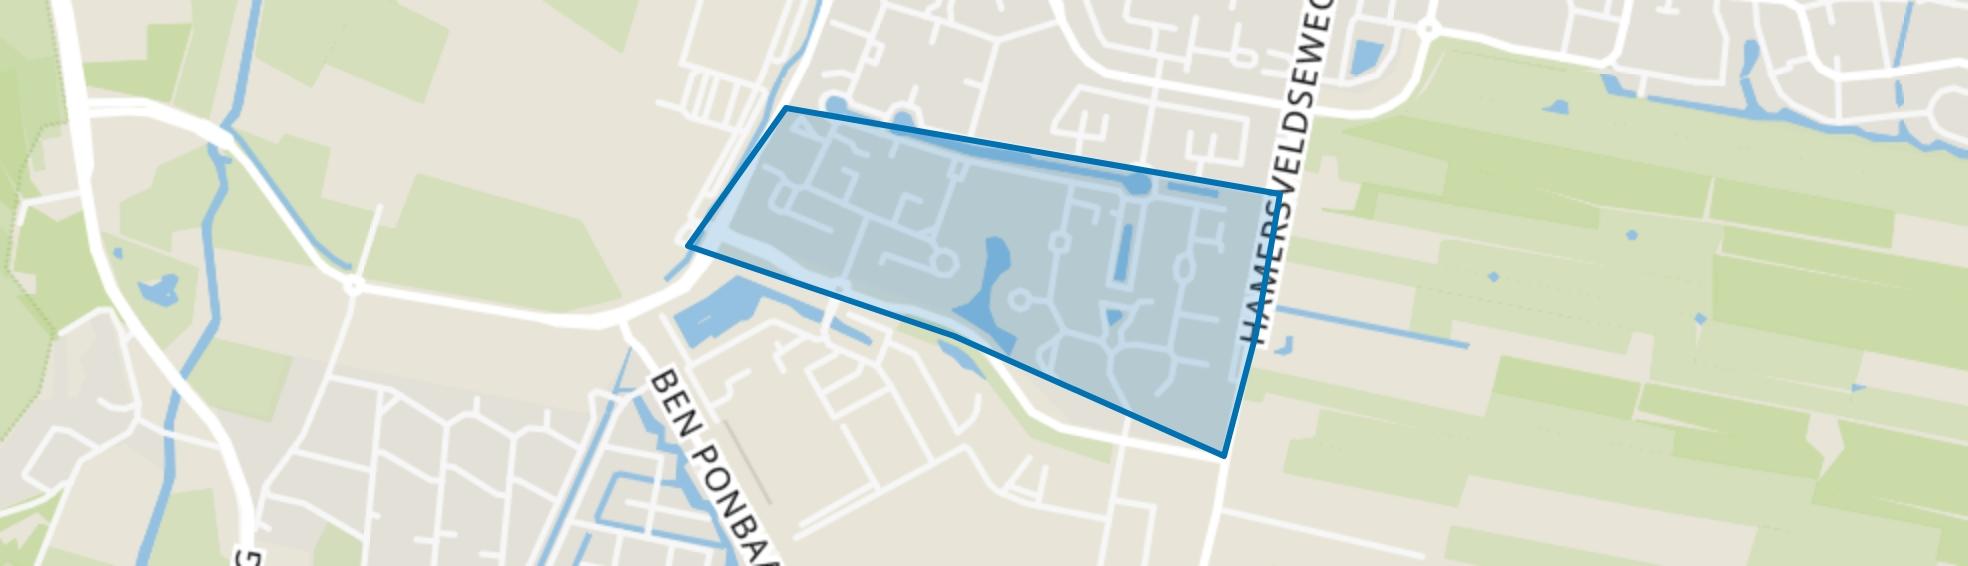 Wildenburg, Leusden map